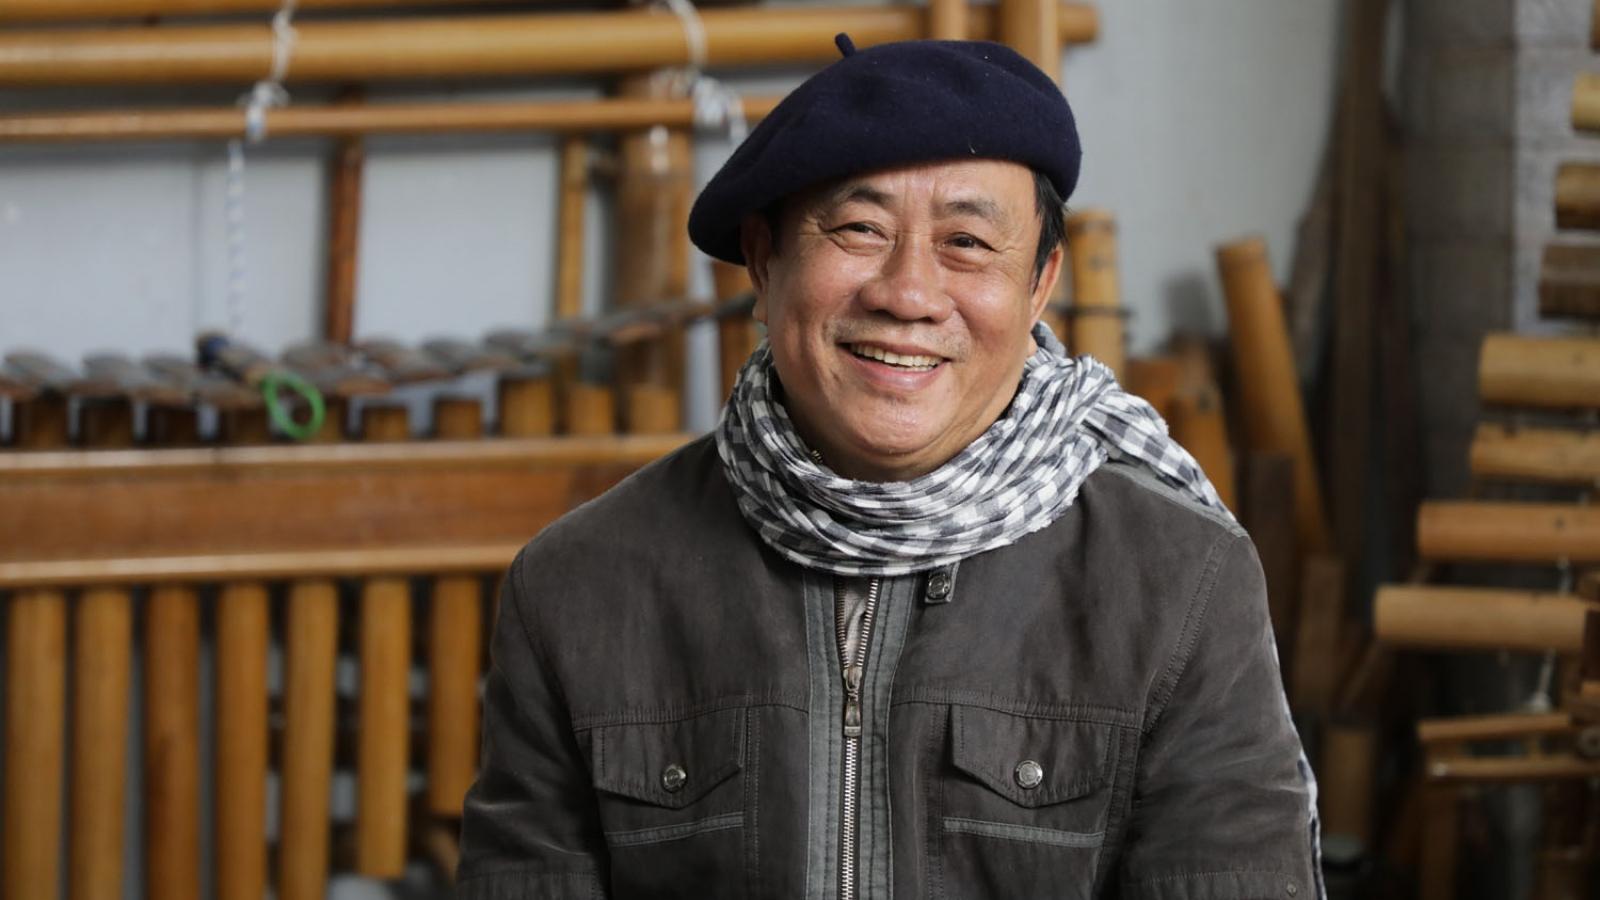 Khám phá cây violin tre độc nhất của giảng viên âm nhạc về hưu ở Tây Nguyên